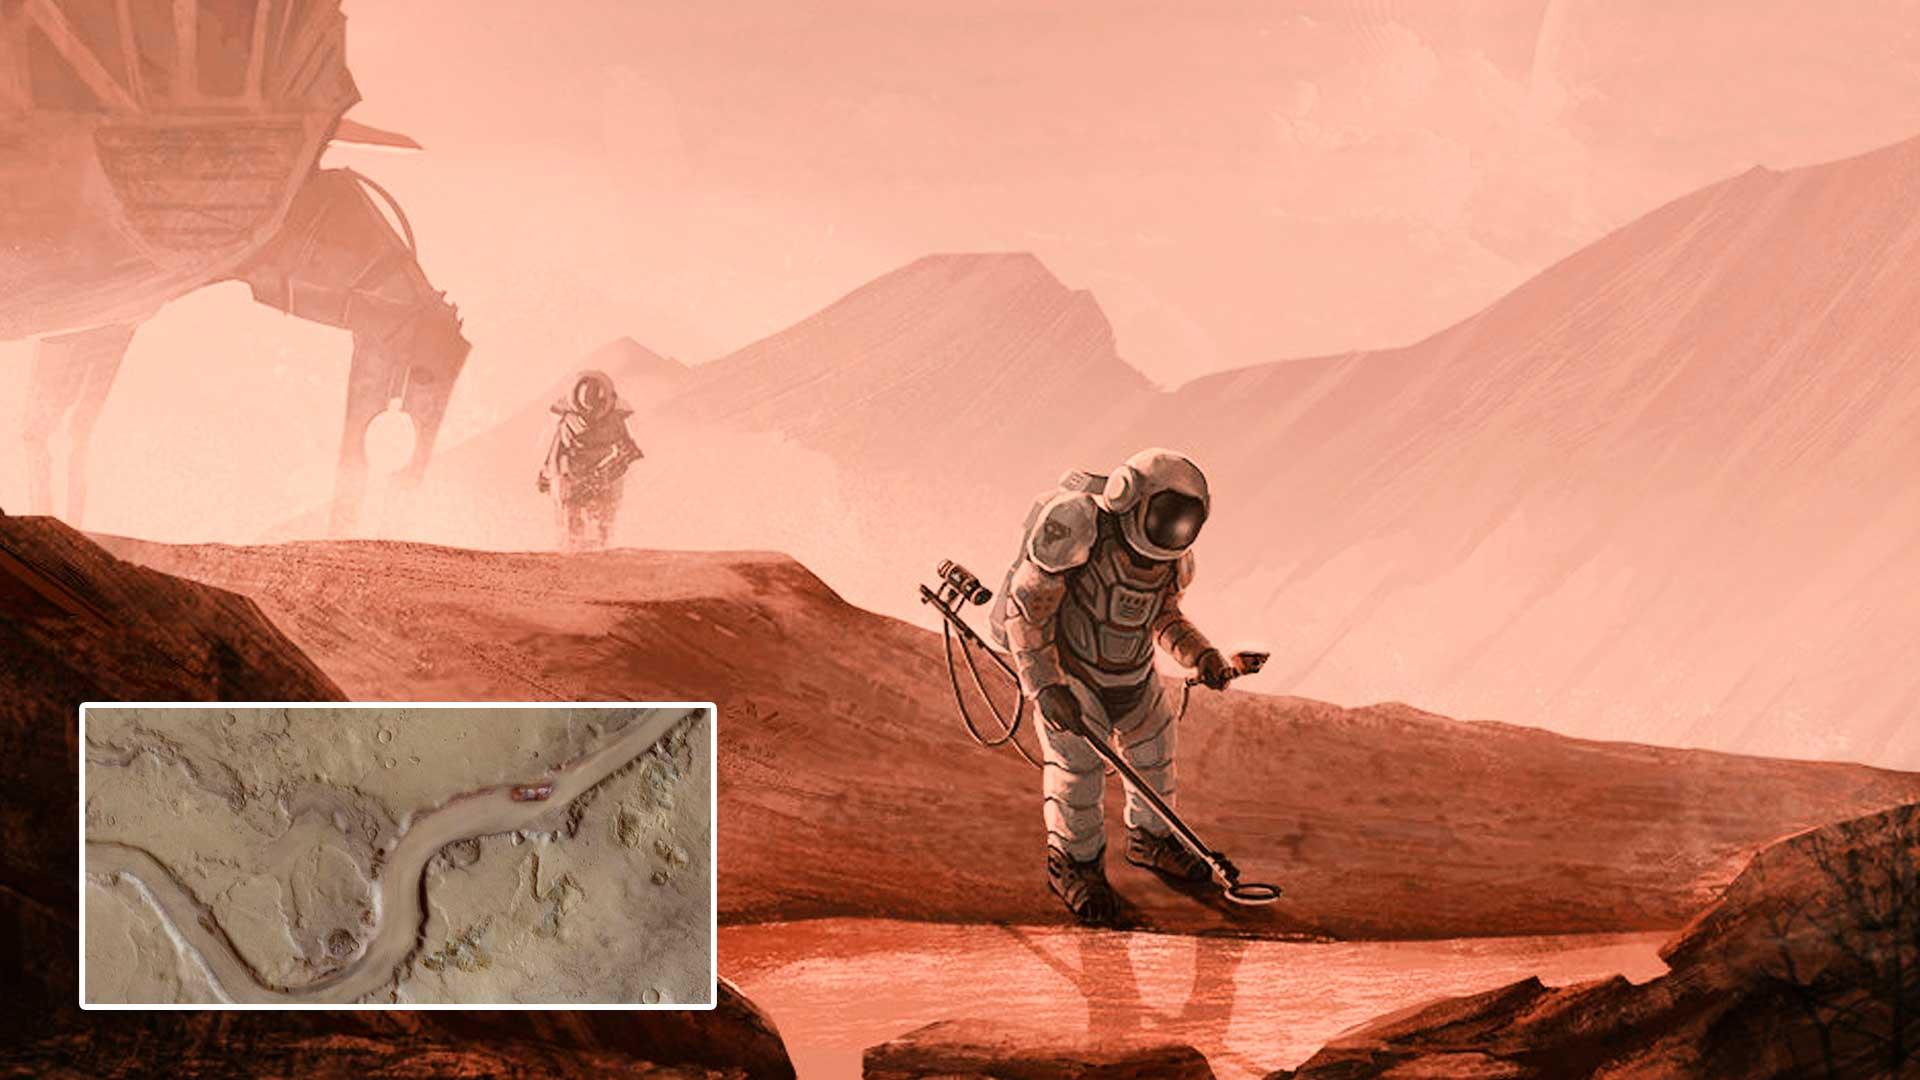 Científicos aseguran que Marte era un planeta lleno de ríos y lagos gigantes, ¿qué pasó?